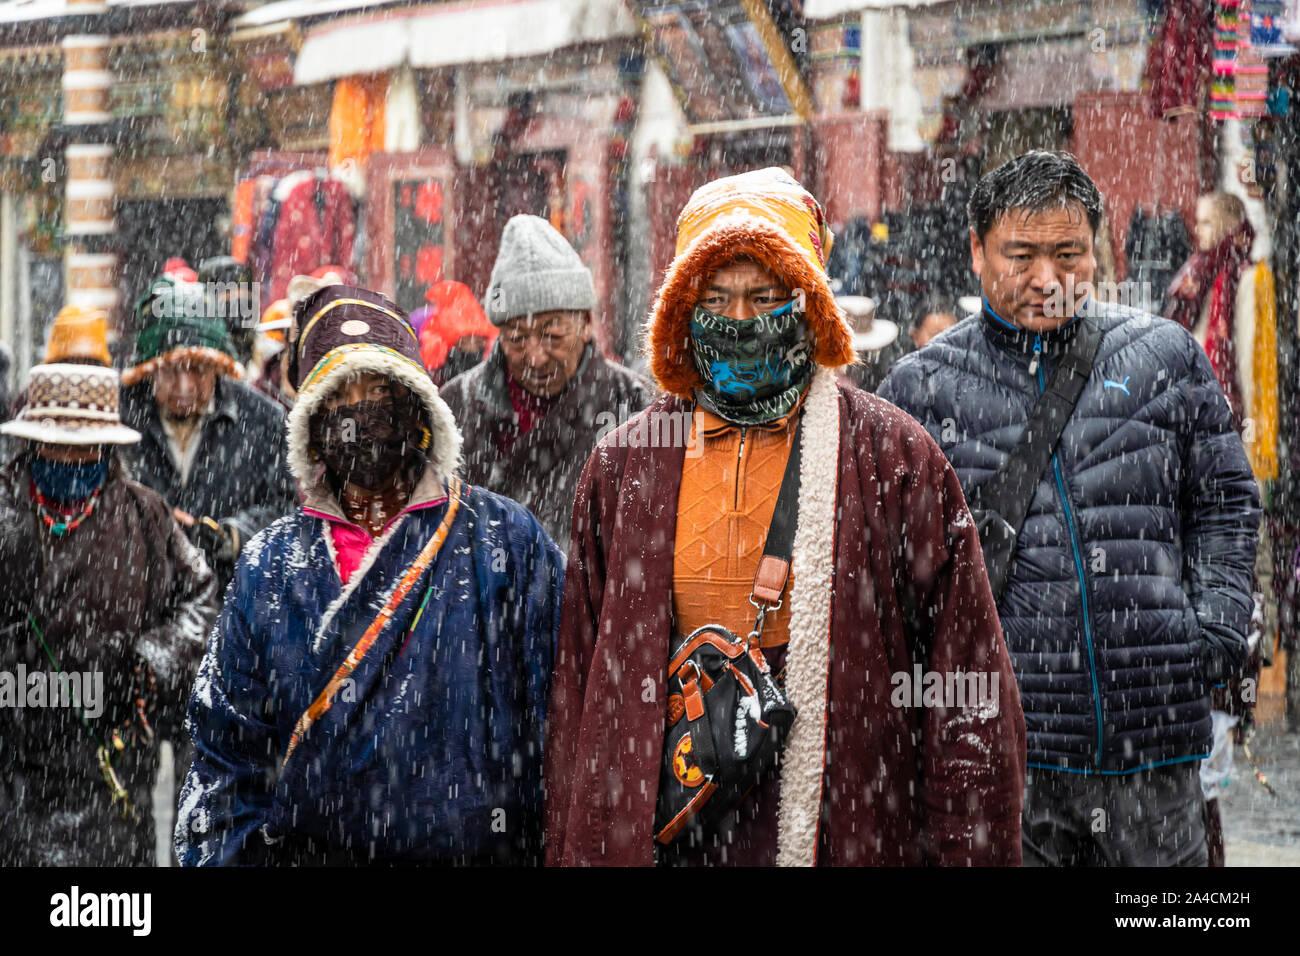 Lhasa, Chine - le 26 décembre 2018: bouddhistes tibétains devouts effectuez une kora autour du temple de Jokhang, le long de la rue Barkhor à Lhassa au Tibet, vieille ville Banque D'Images